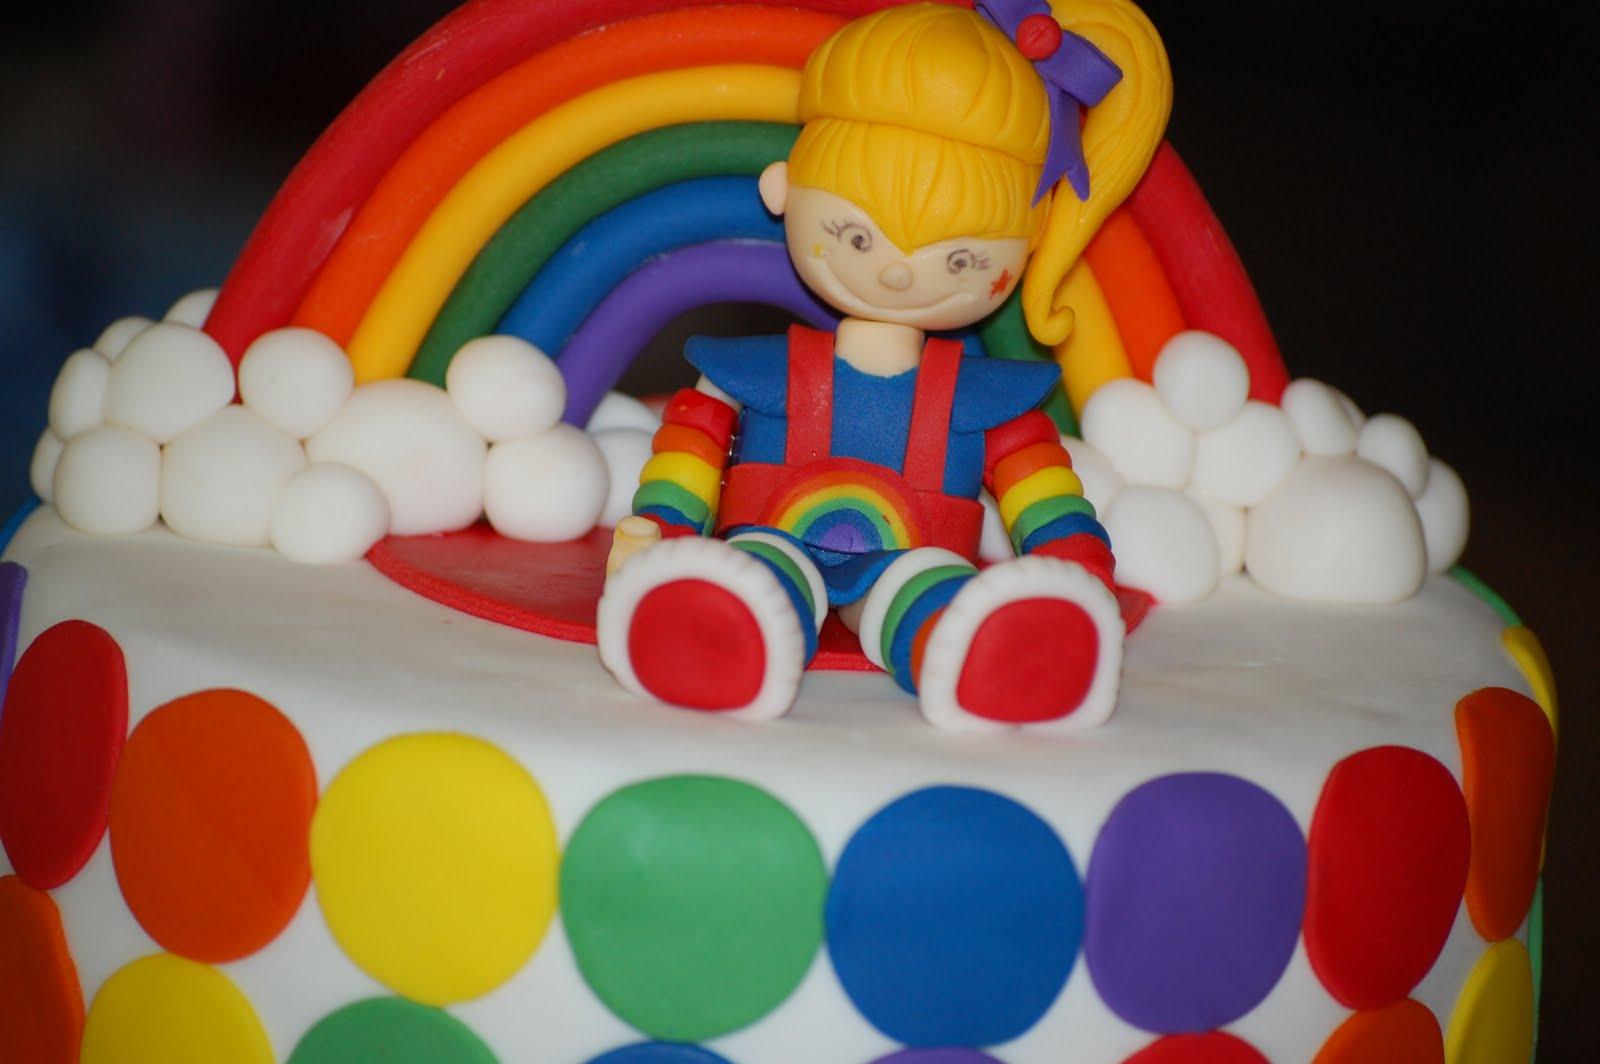 rainbow birthday cake picture rainbow birthday cake wallpaper